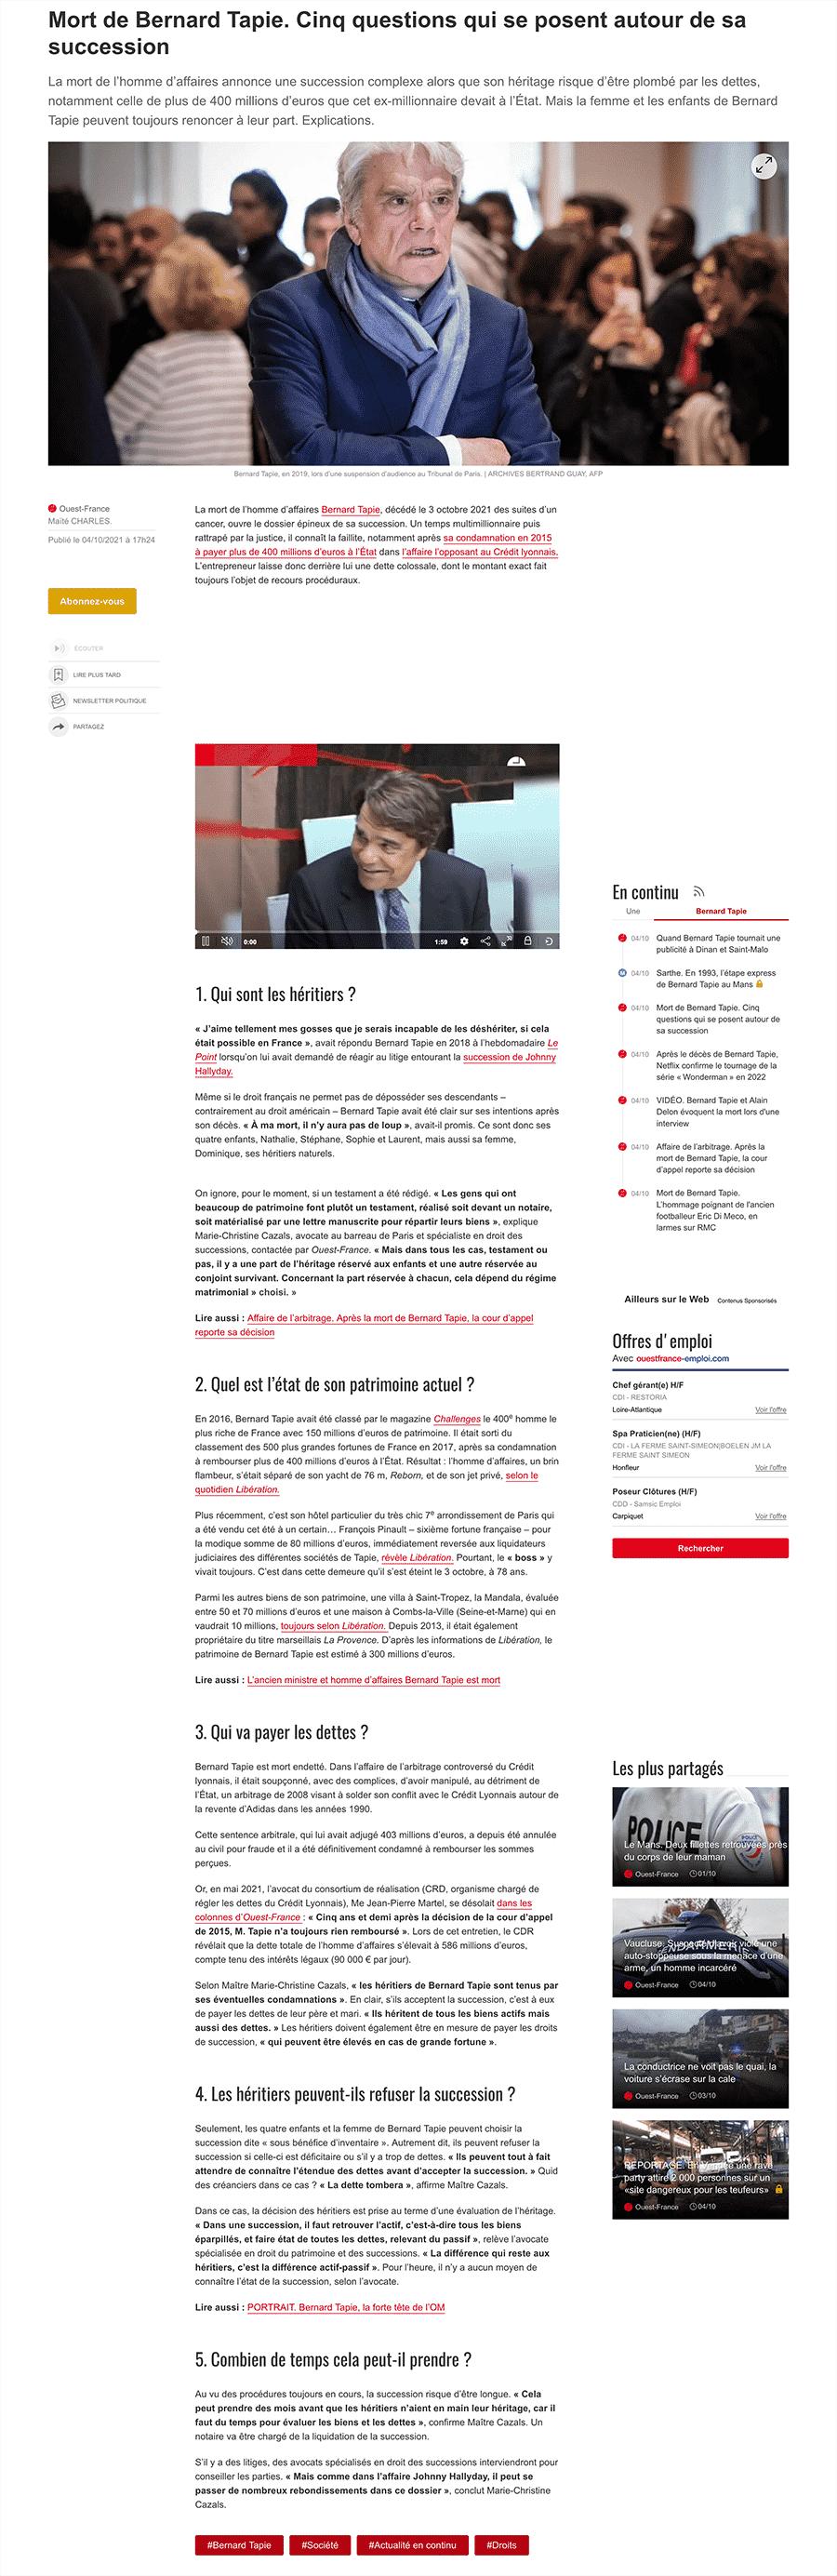 Article de Ouest-France : Mort de Bernard Tapie. Cinq questions qui se posent autour de sa succession